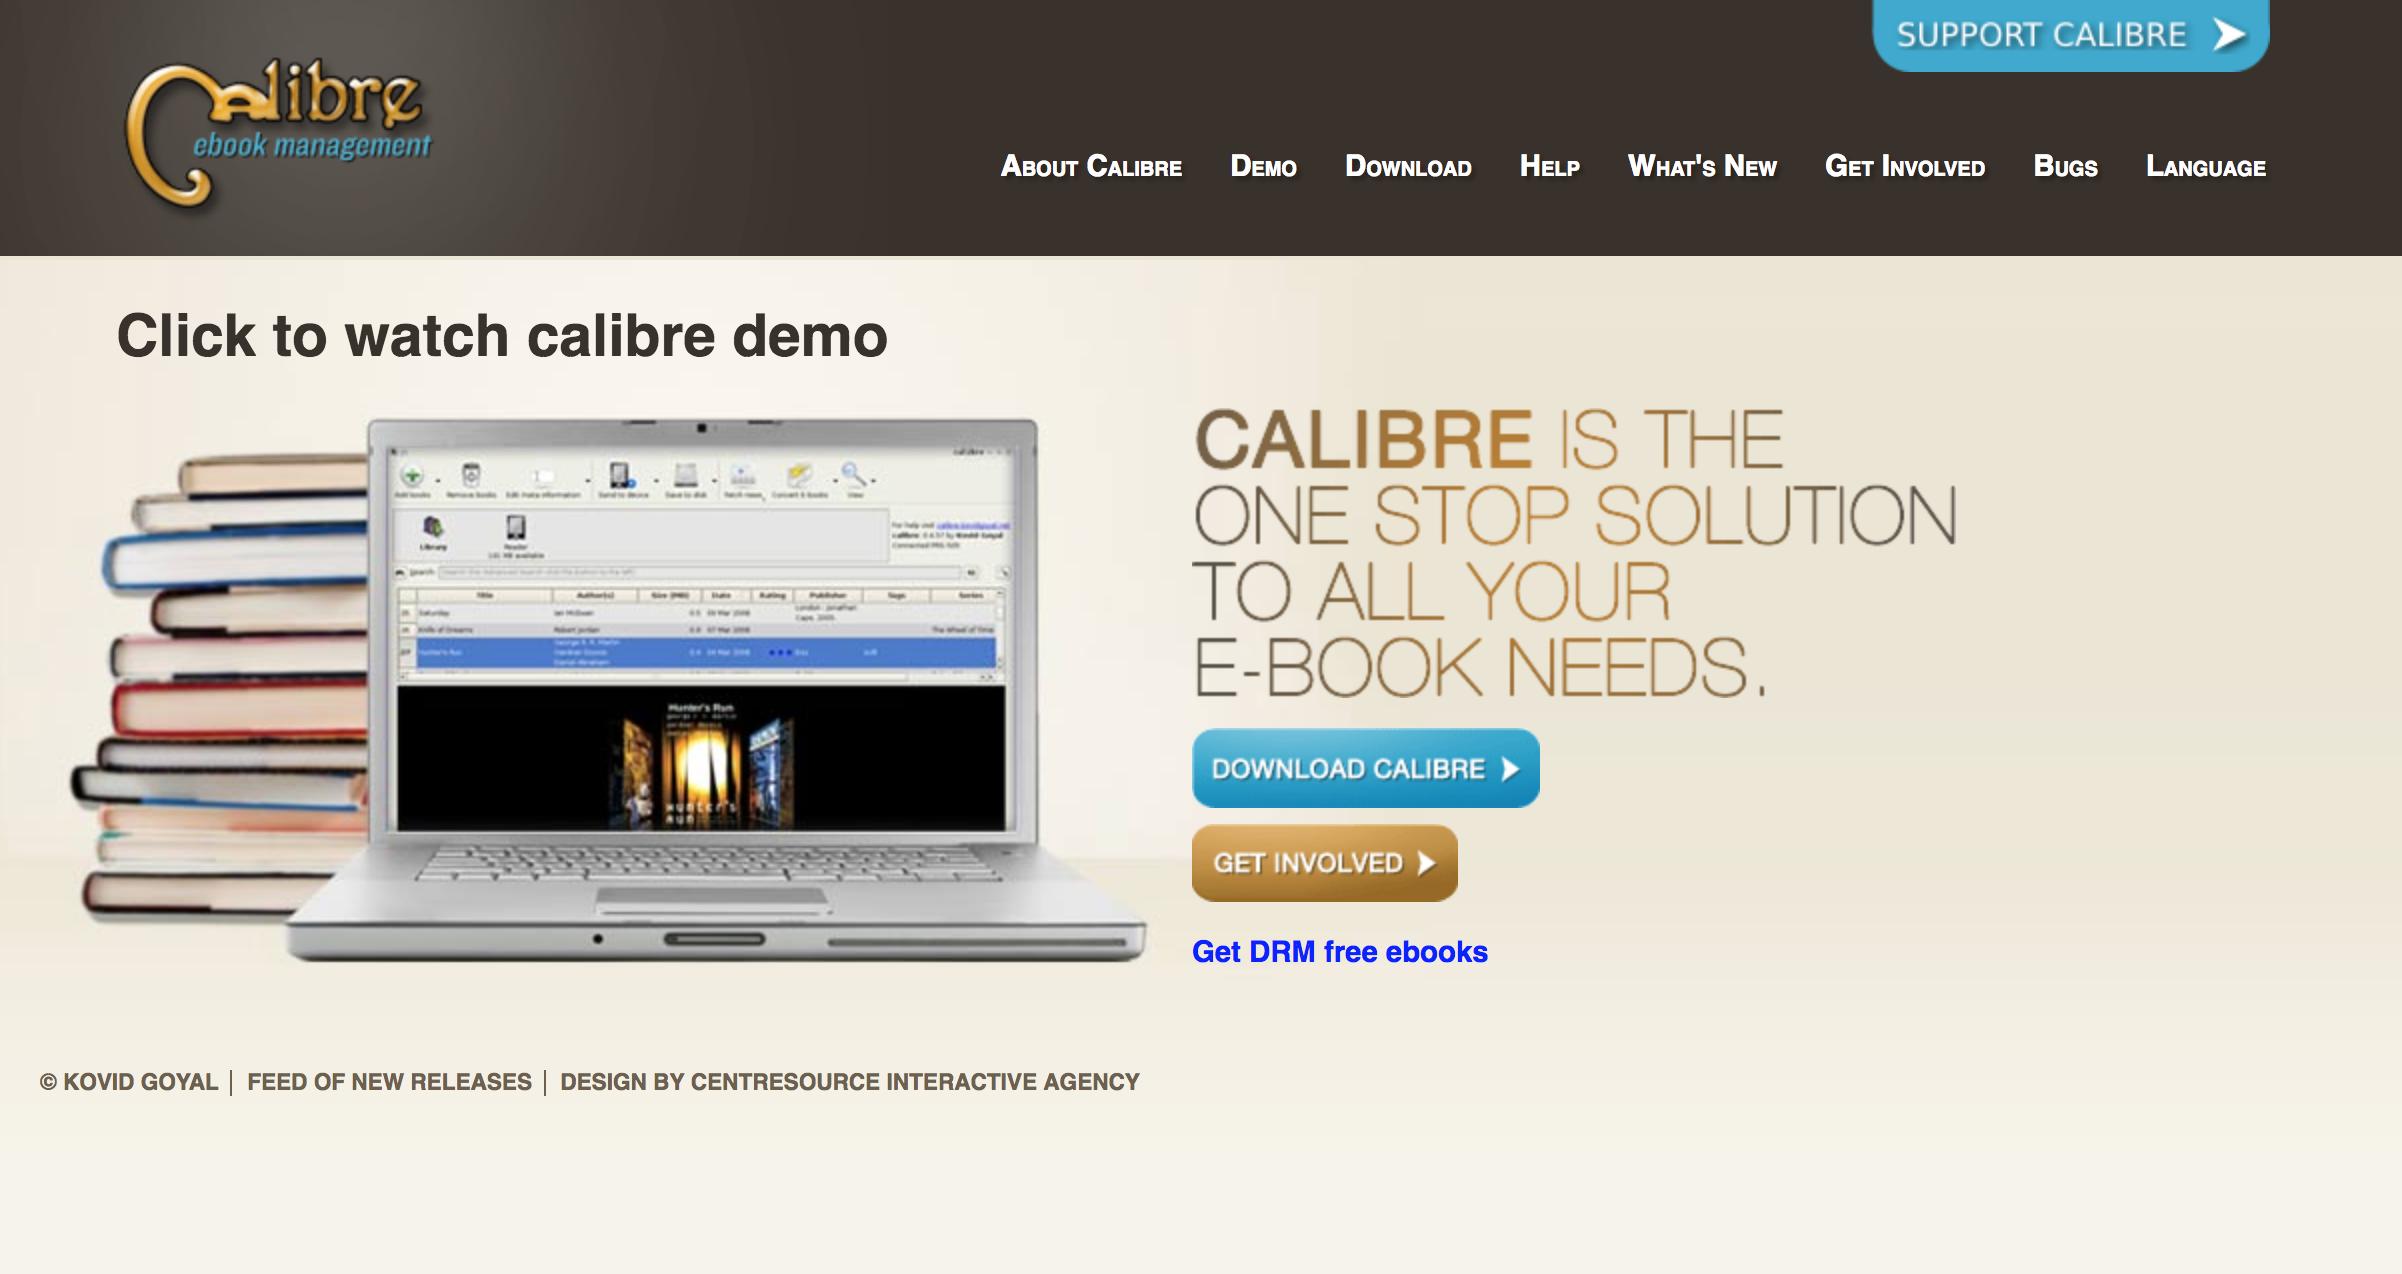 Mit neuem Calibre-Plugin die E-Book-Bibliothek mit der Cloud